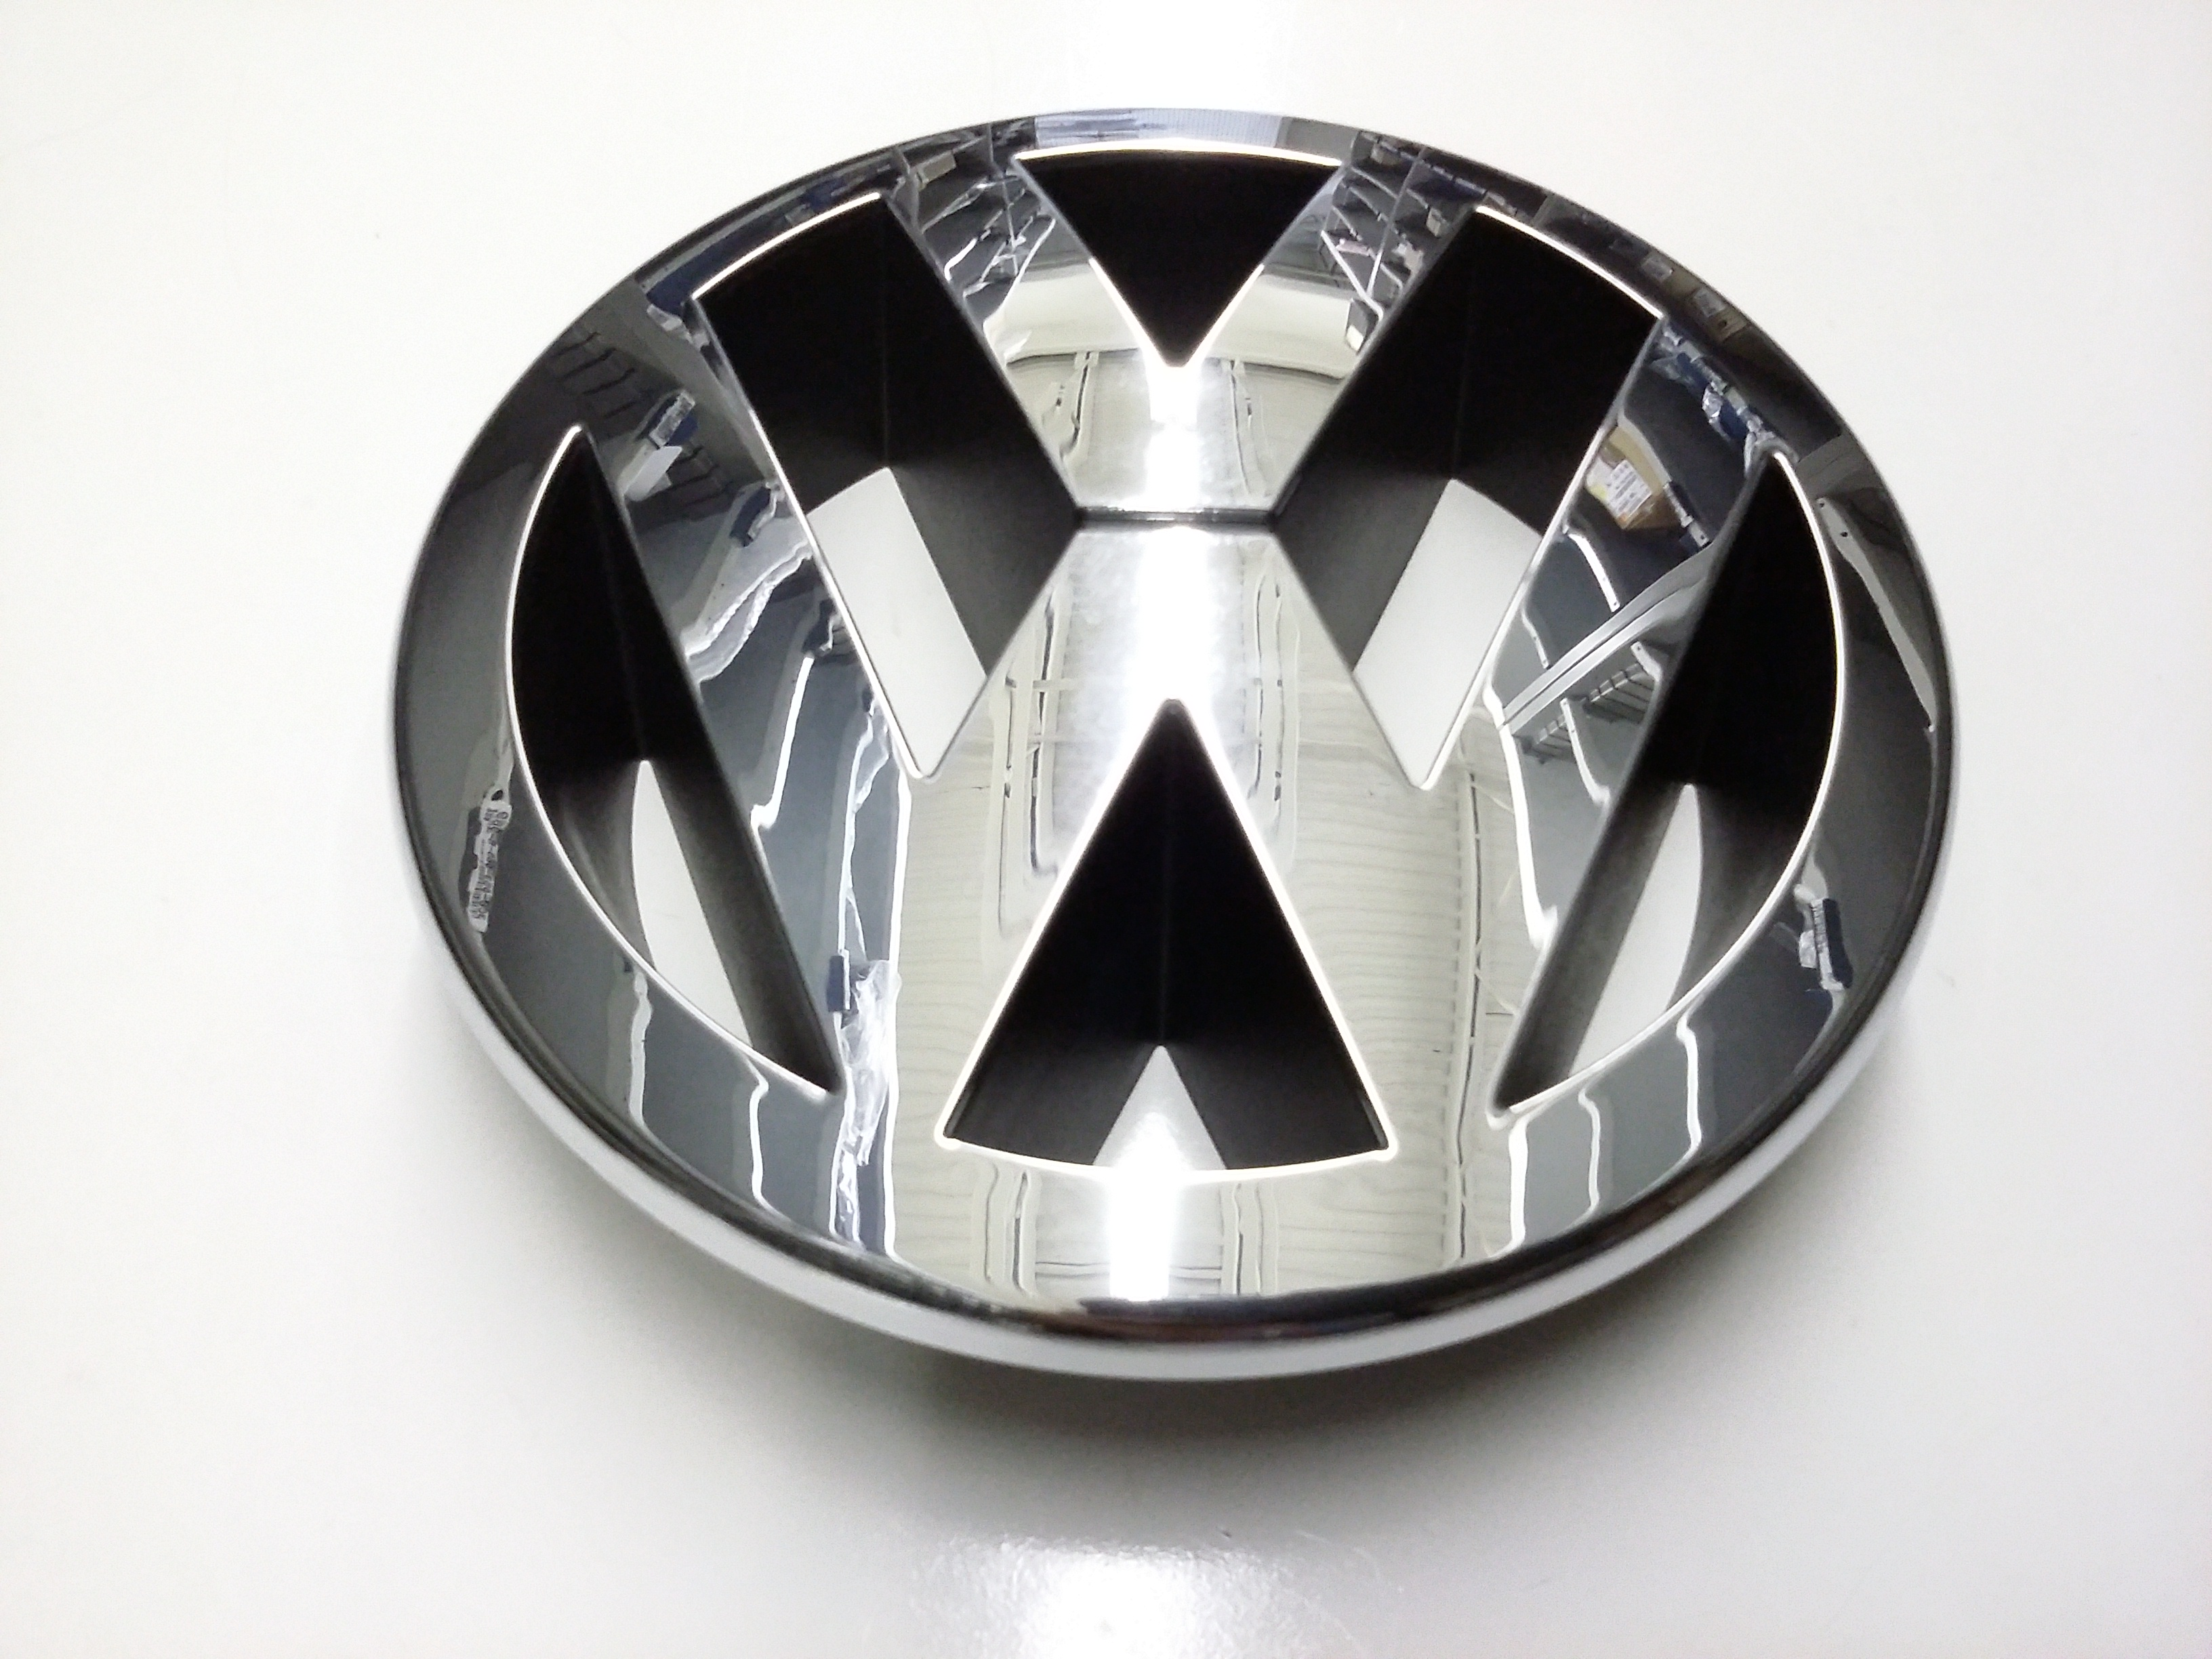 2009 Volkswagen Touareg. #3C0853601CFDY: Emblem. Grille Emblem. Front #5E636D